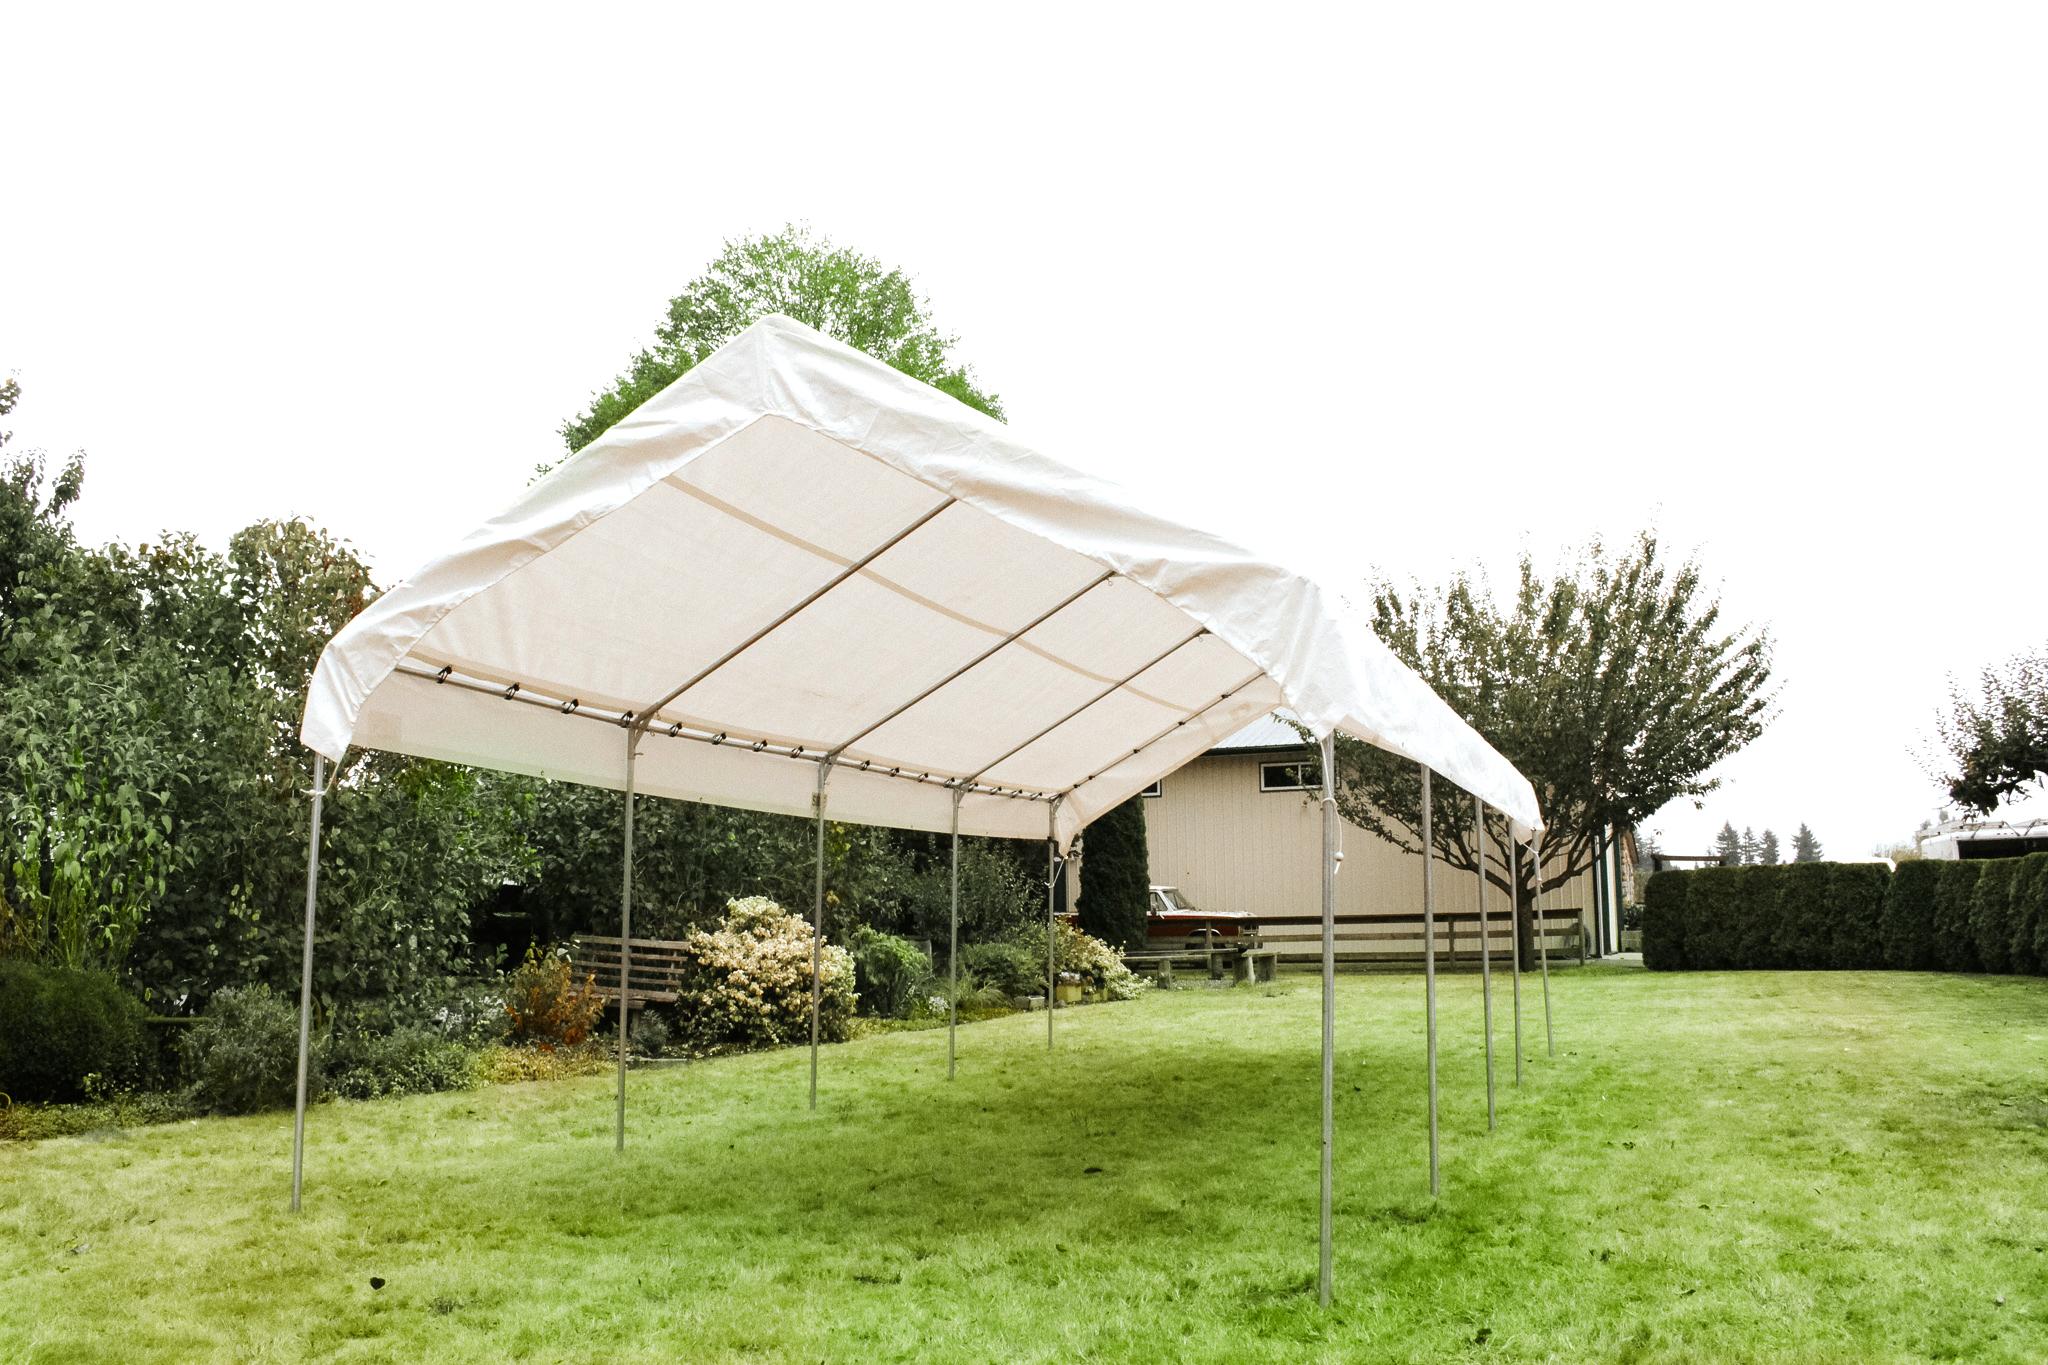 Pavilion Canopies